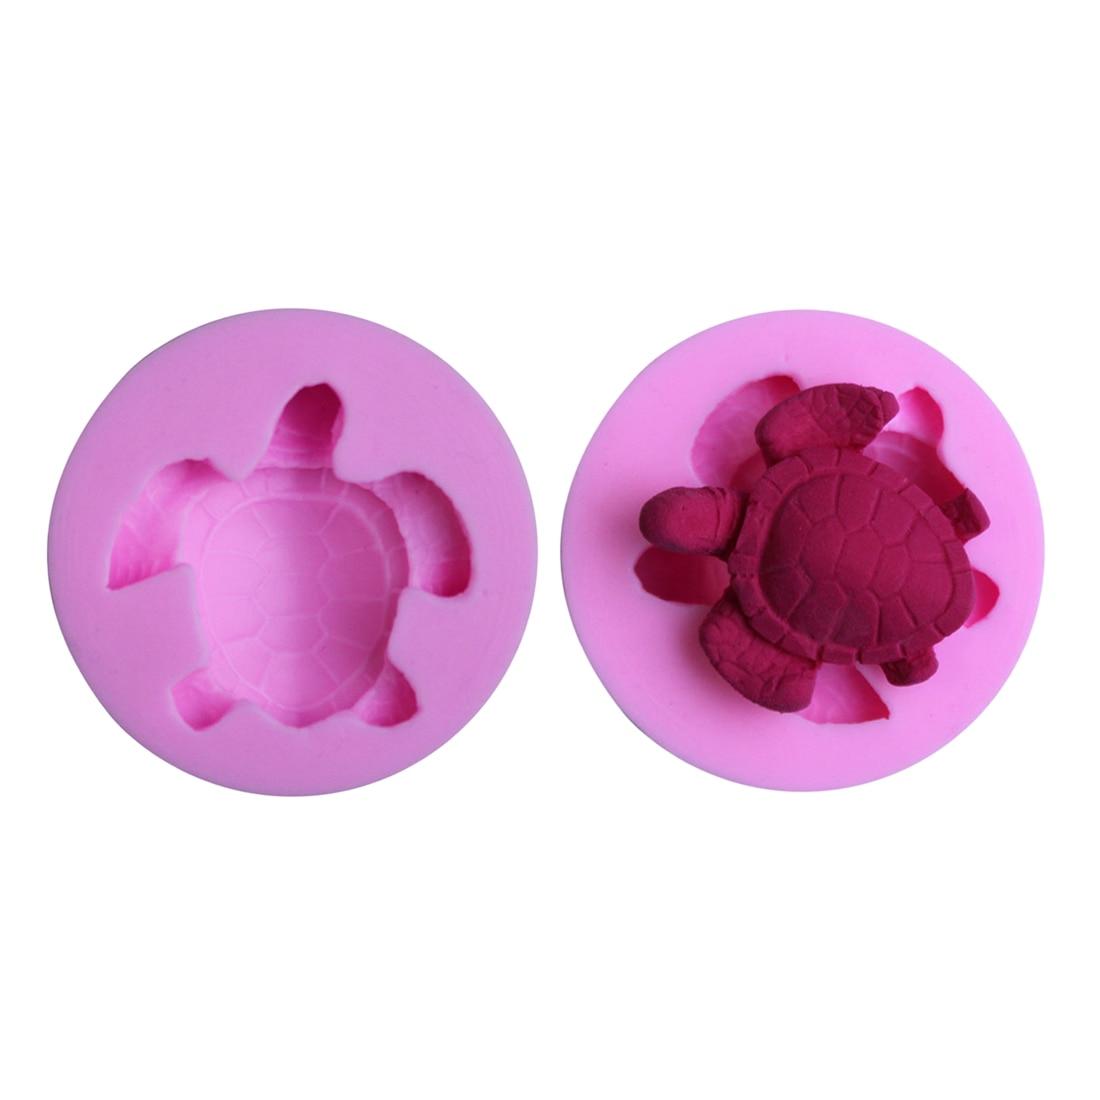 Mejor bricolaje tortuga de mar herramientas de decoración de pasteles Fondant pudín de Chocolate molde de pastel de silicona herramientas para hornear tortuga jabones, pastelería